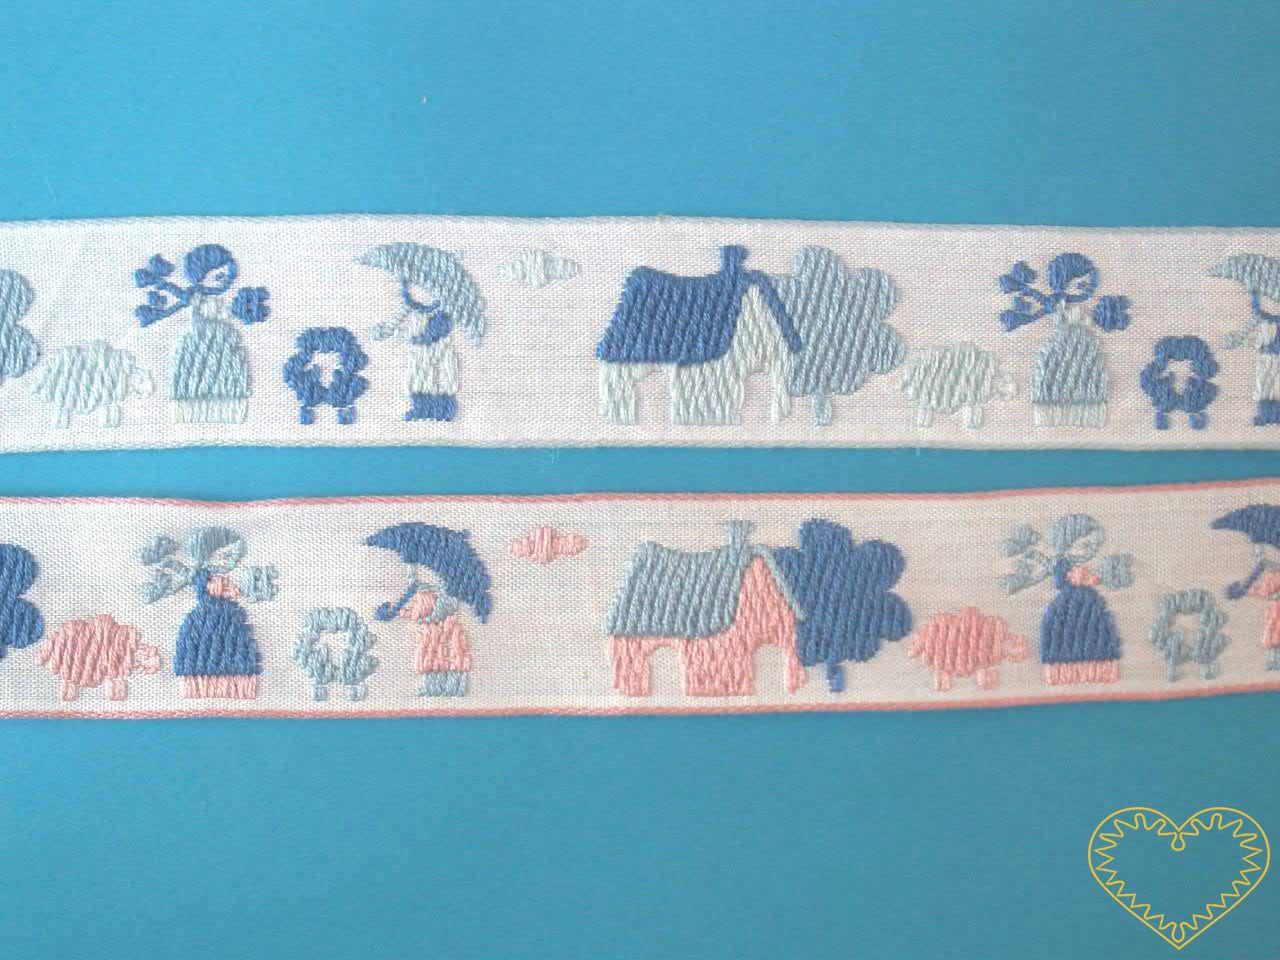 Tkaná stuha - život na statku - šíře 2,5 cm. Bílá dekorovaná stuha zobrazující děvče, chlapce s deštníkem, ovce, domeček a strom je dostupná ve dvou variantách.